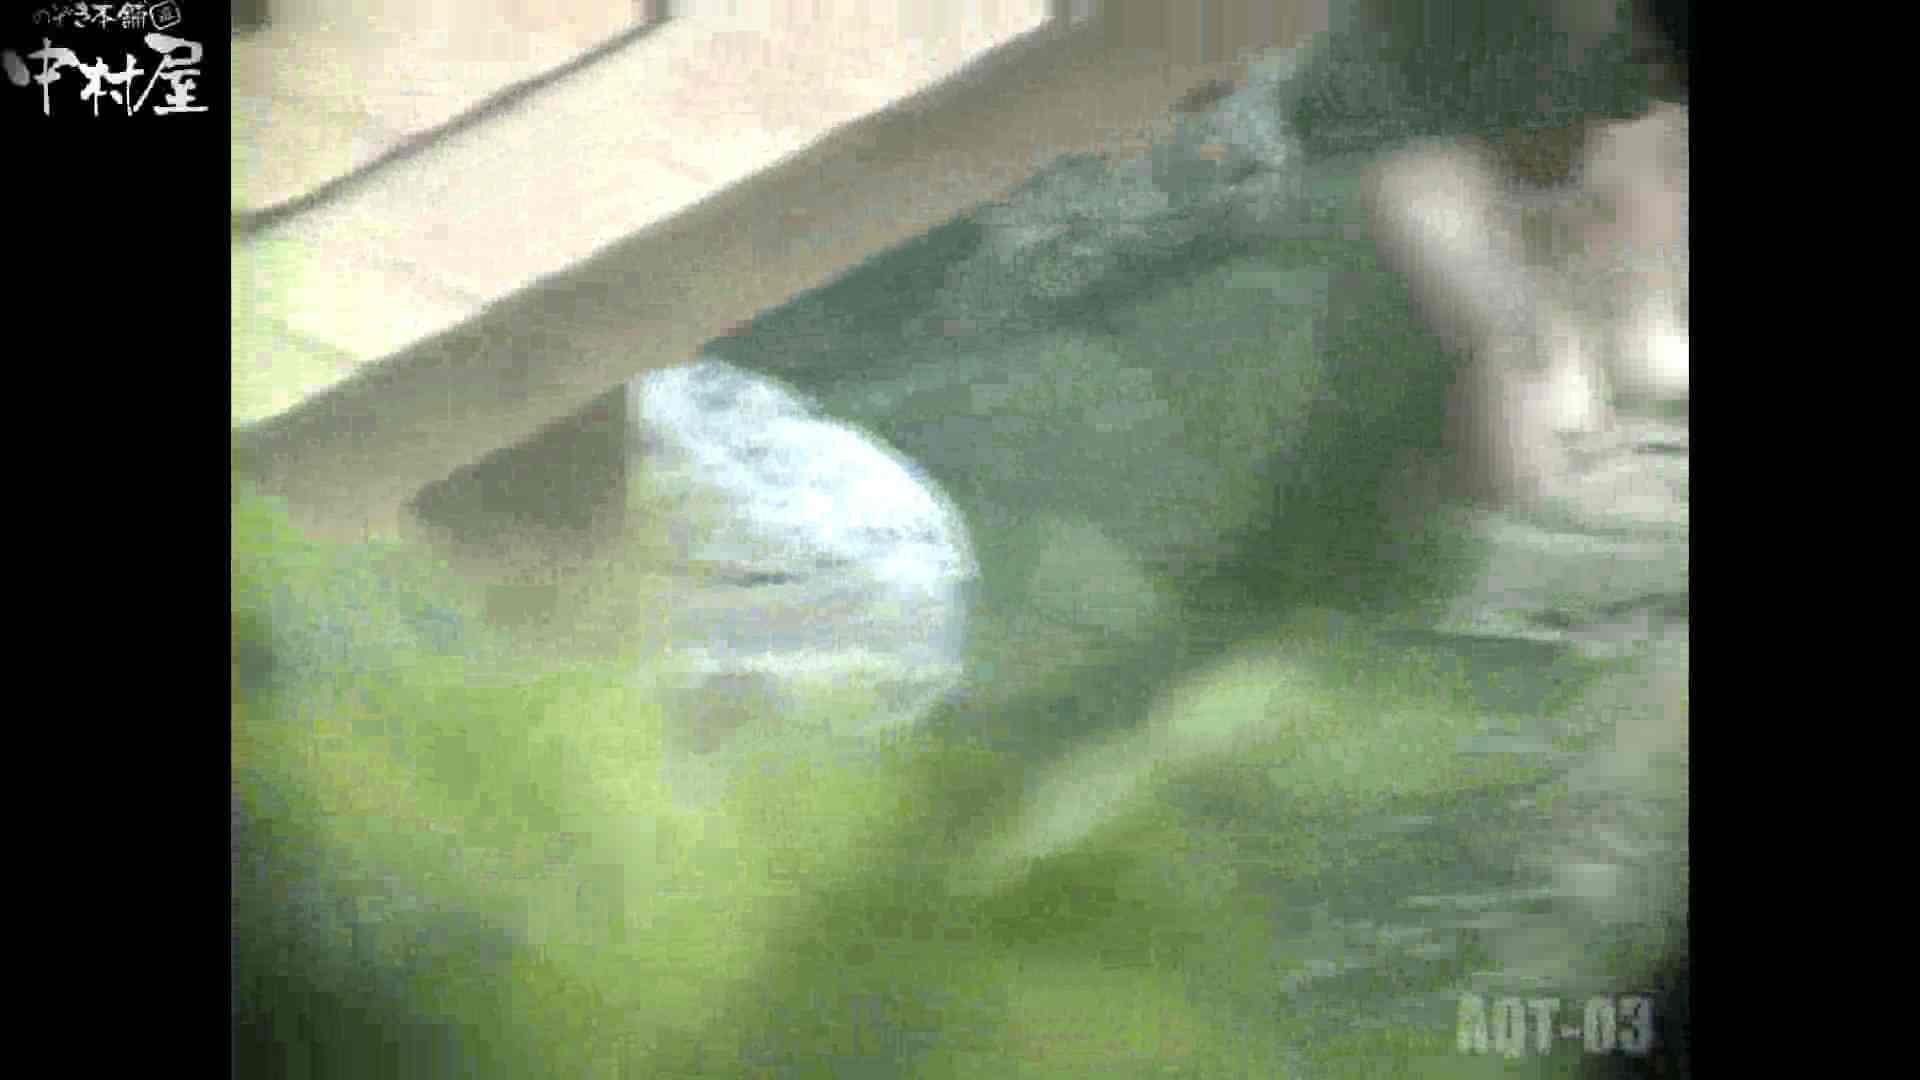 Aquaな露天風呂Vol.867潜入盗撮露天風呂参判湯 其の二 盗撮シリーズ   潜入  102PIX 7